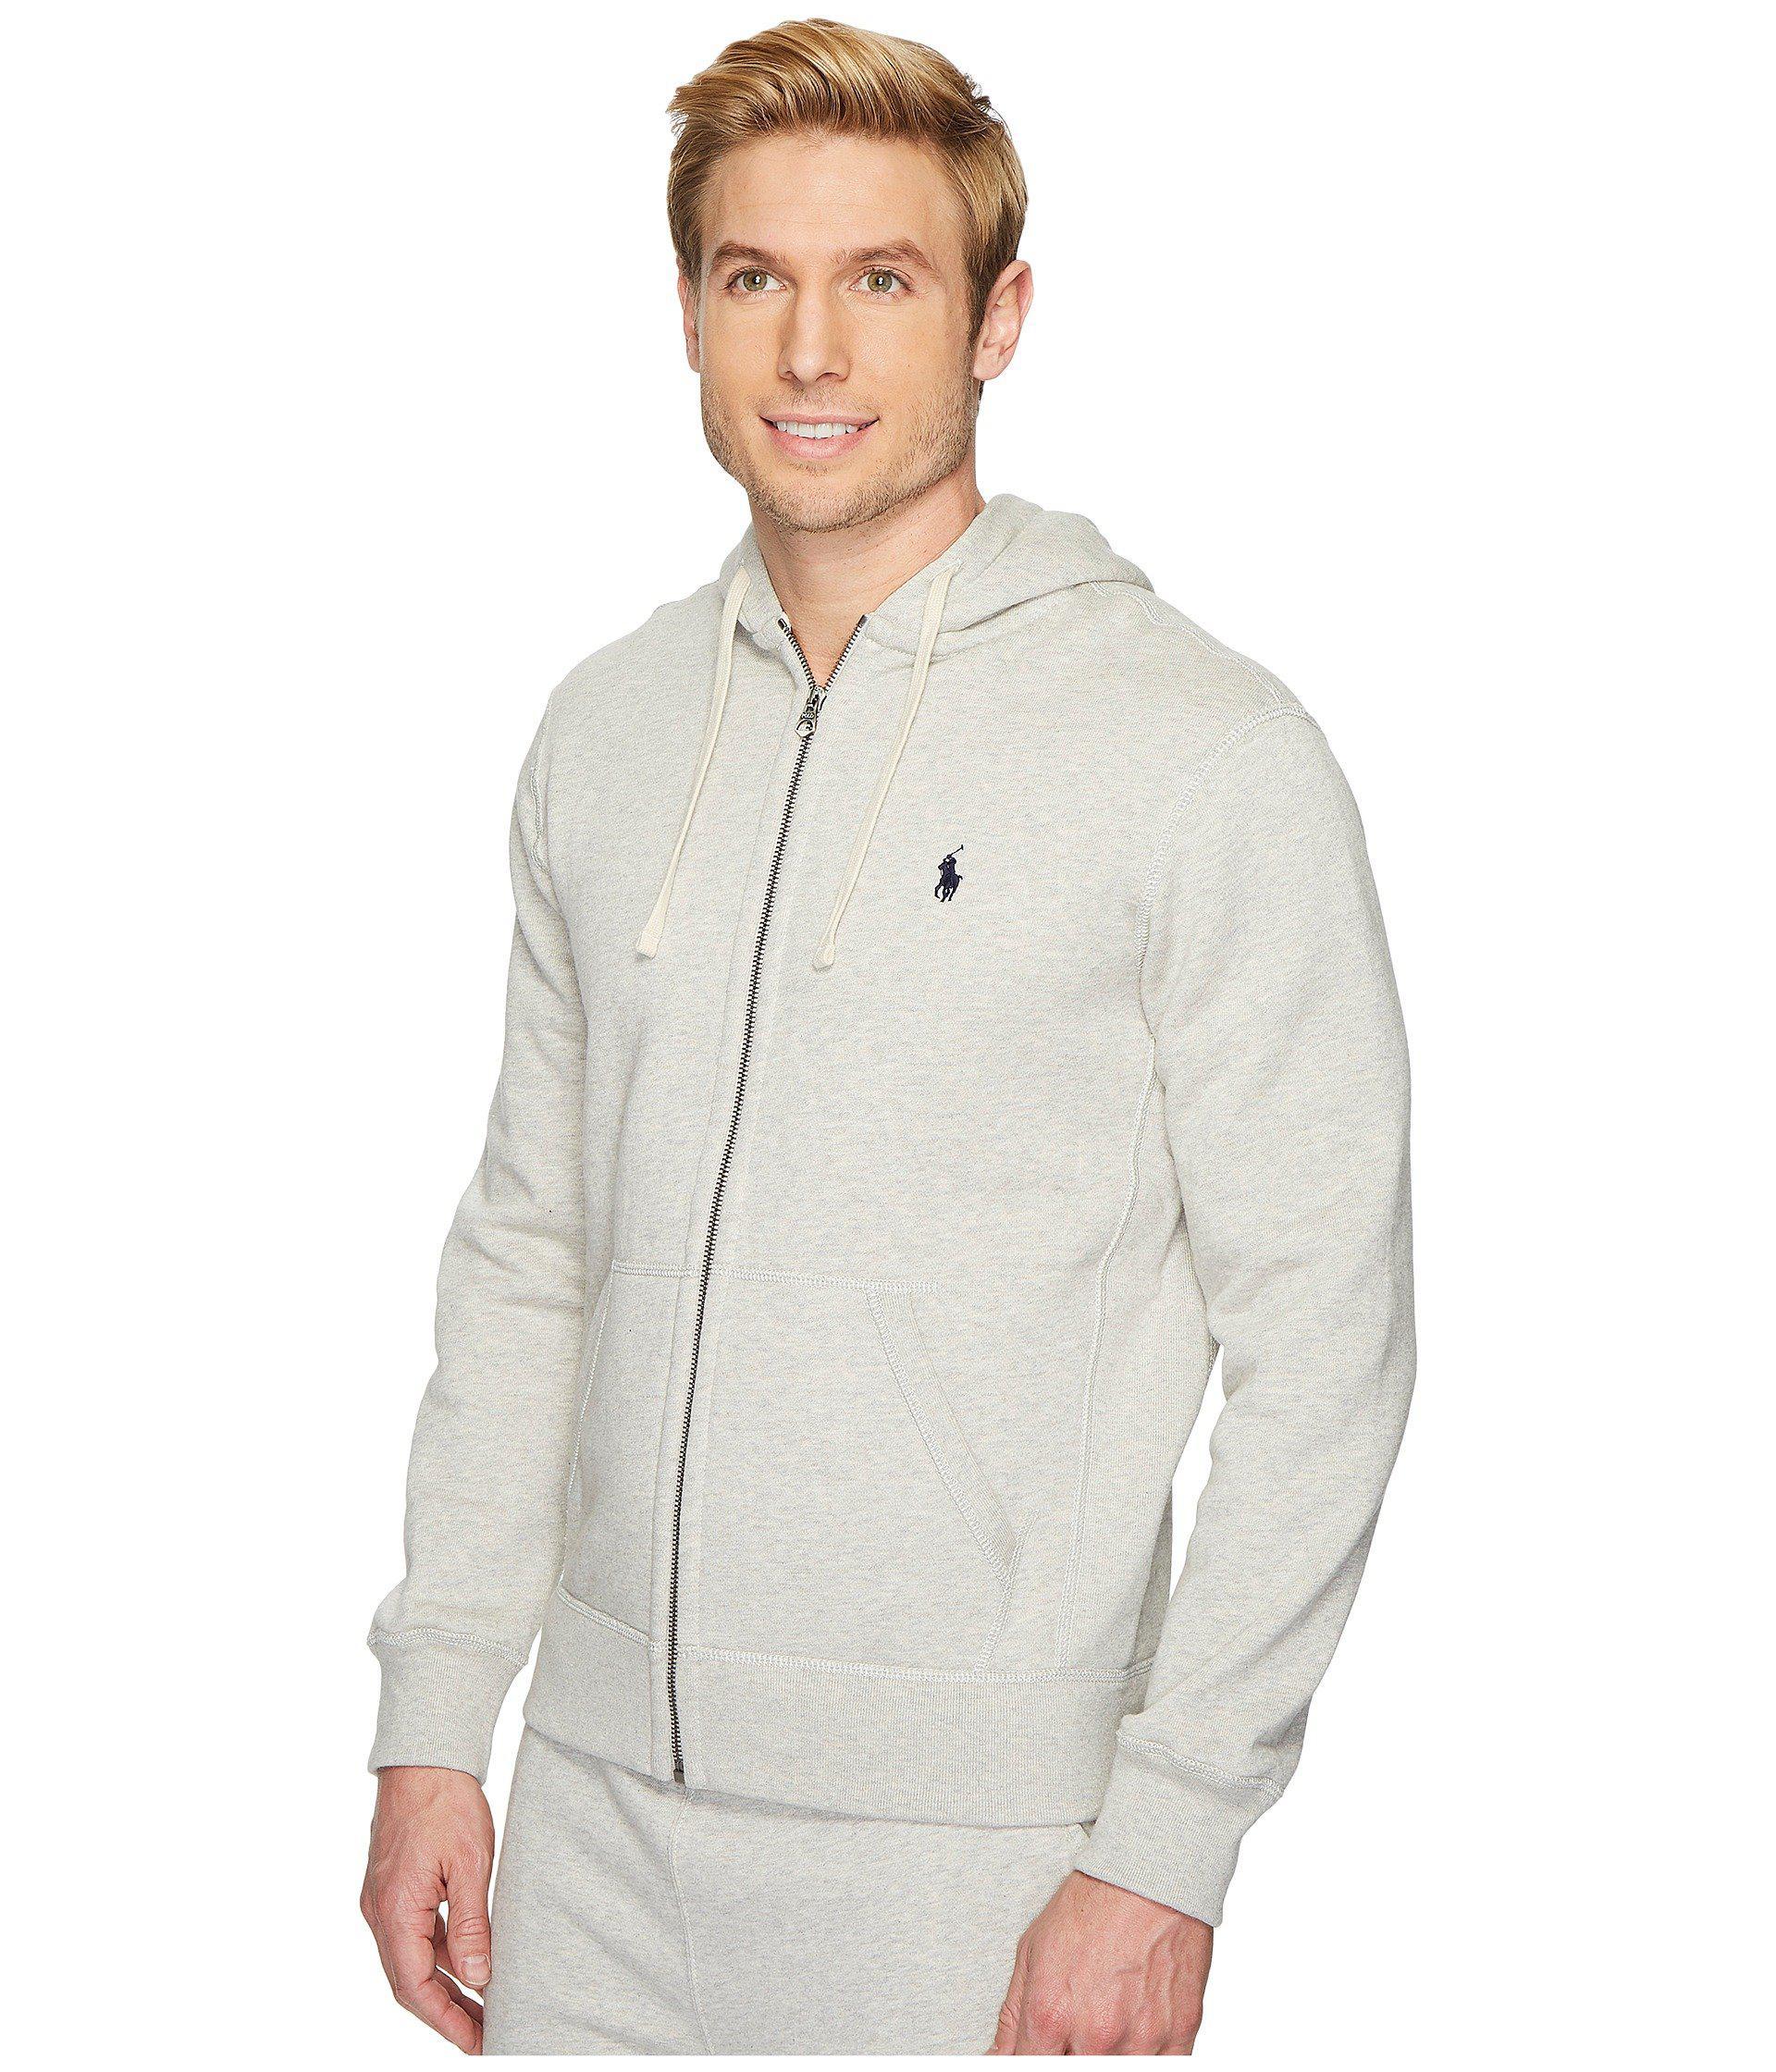 7b2634a92add8 Lyst - Polo Ralph Lauren Classic Fleece Full-zip Hoodie (light Sport Heather)  Men s Sweatshirt in Gray for Men